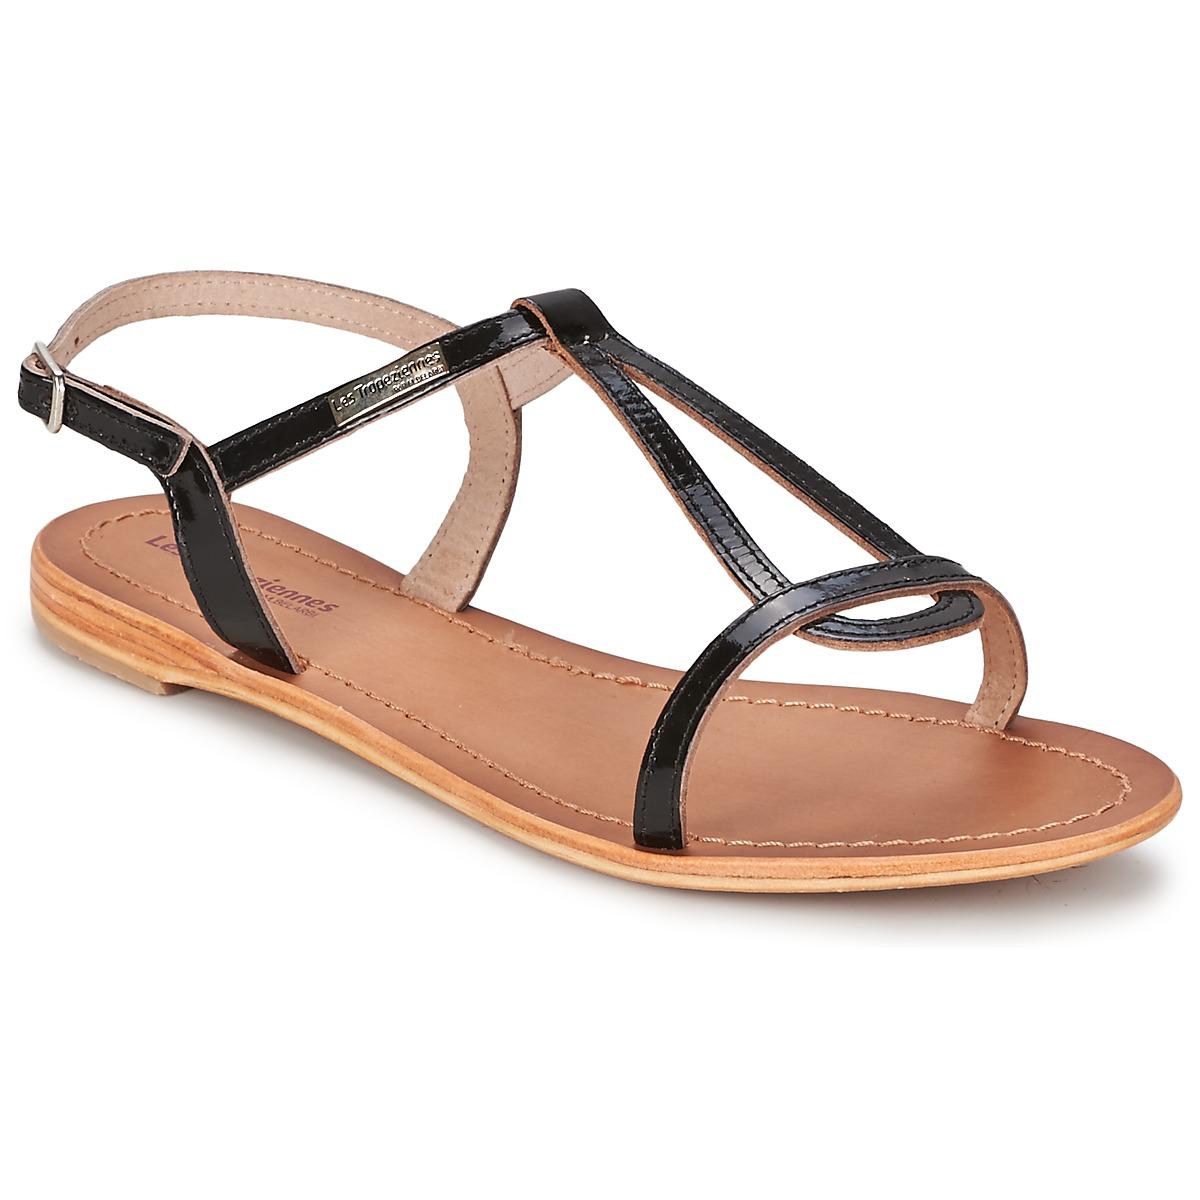 Chaussures tropezienne pas cher - Chaussure transparente pas cher ...